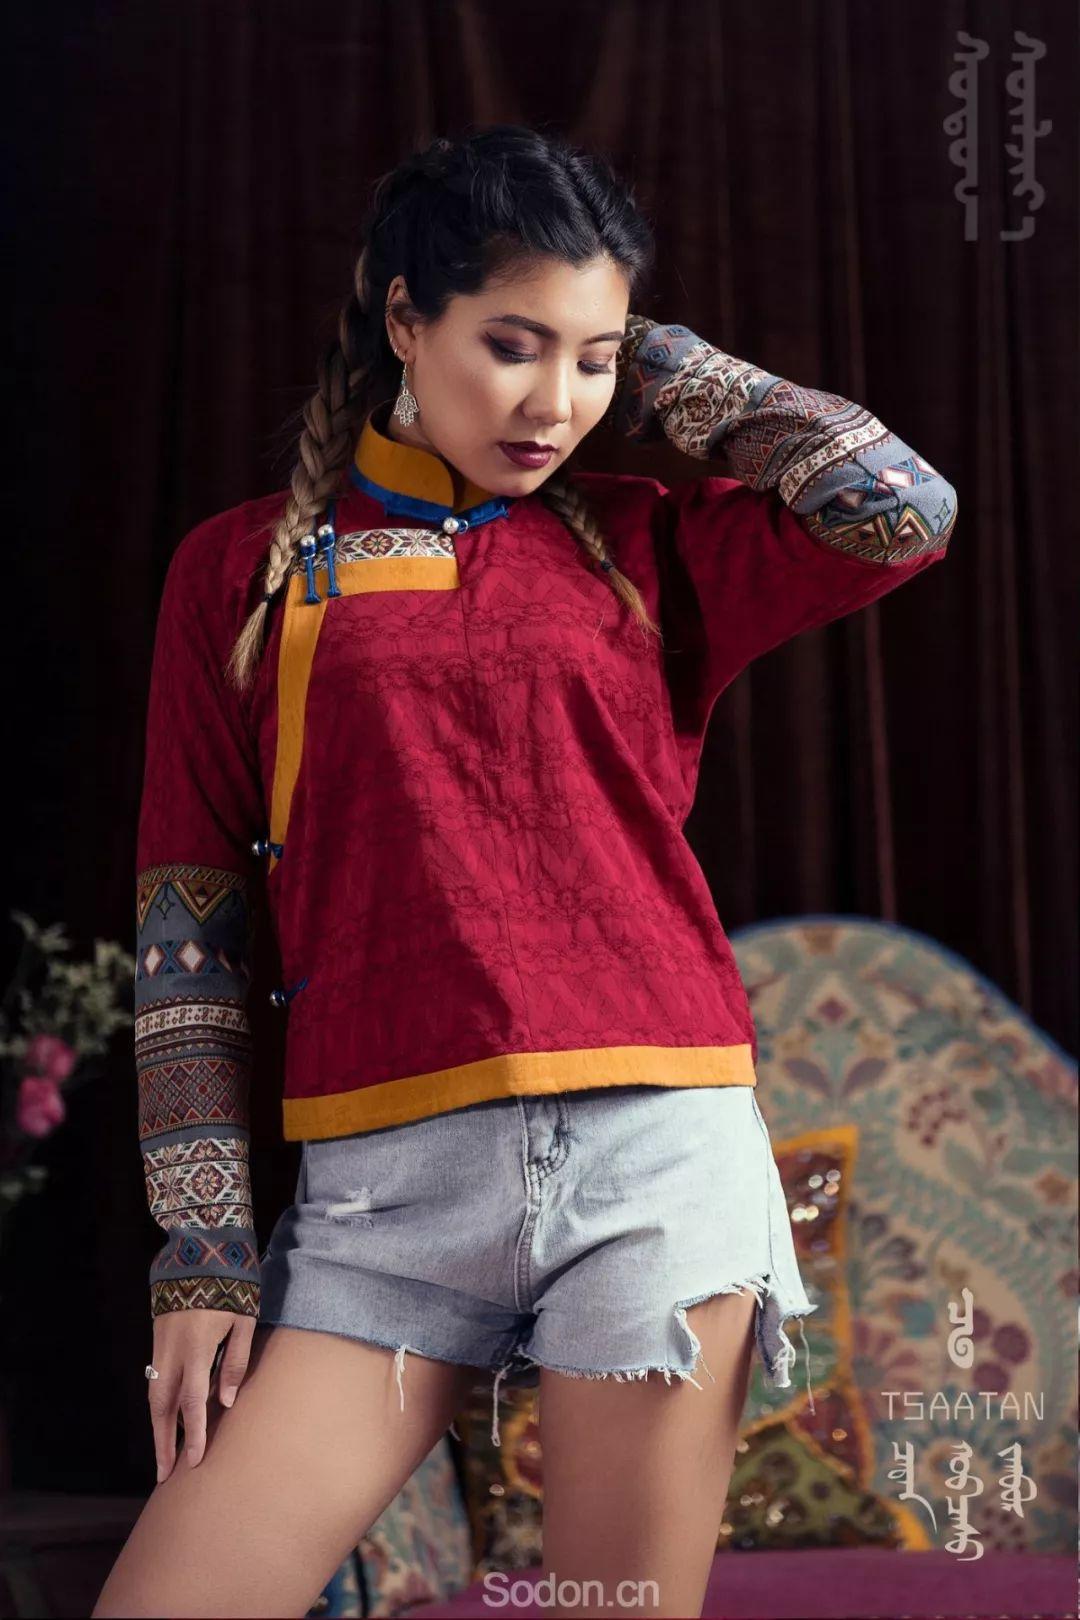 TSAATAN蒙古时装 2019新款,来自驯鹿人的独特魅力! 第36张 TSAATAN蒙古时装 2019新款,来自驯鹿人的独特魅力! 蒙古服饰